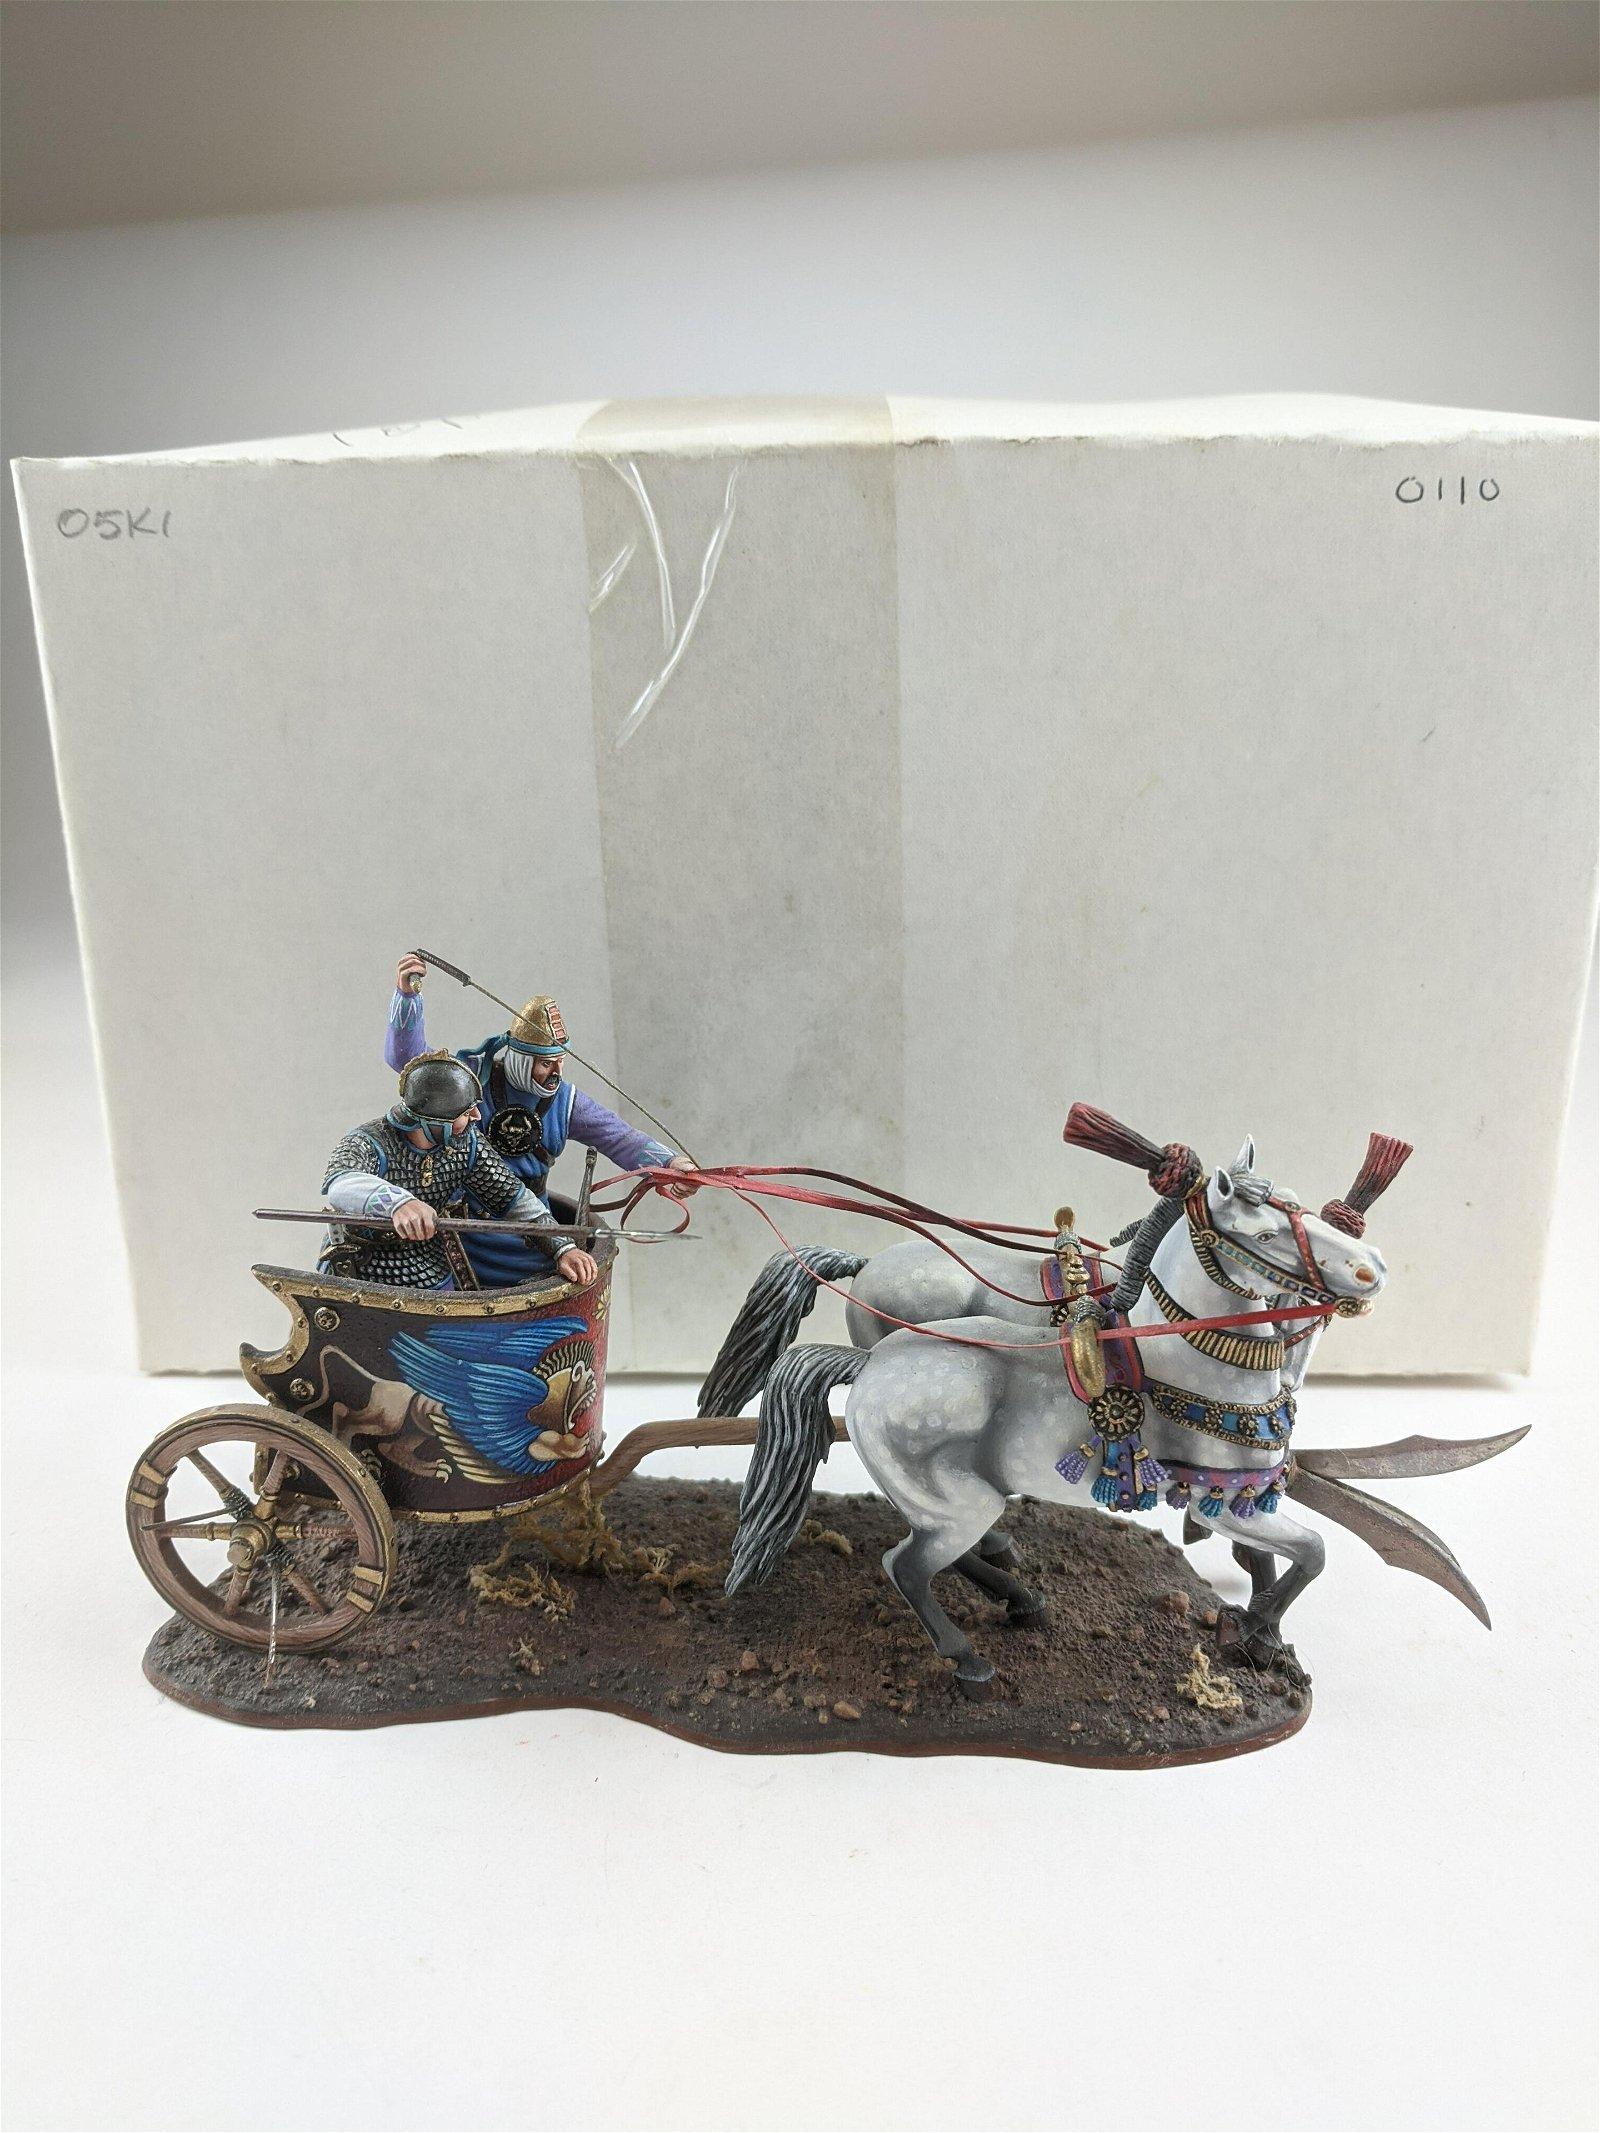 Russian Studios #0110  Persian Ornate Chariot